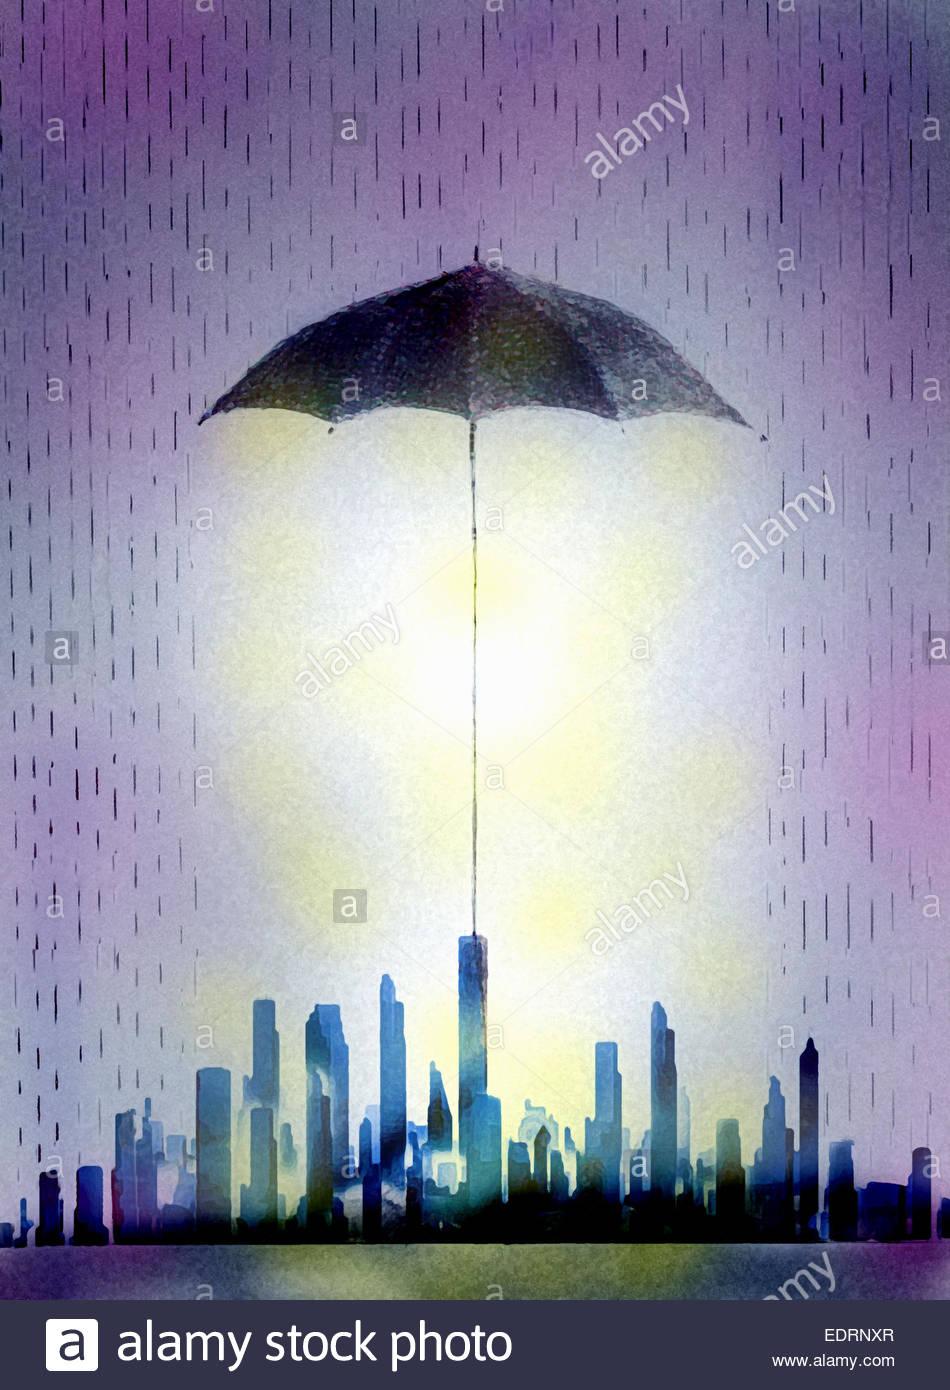 Bâtiments gratte-ciel dans le quartier des finances de la ville s'abritant sous grand parasol Photo Stock